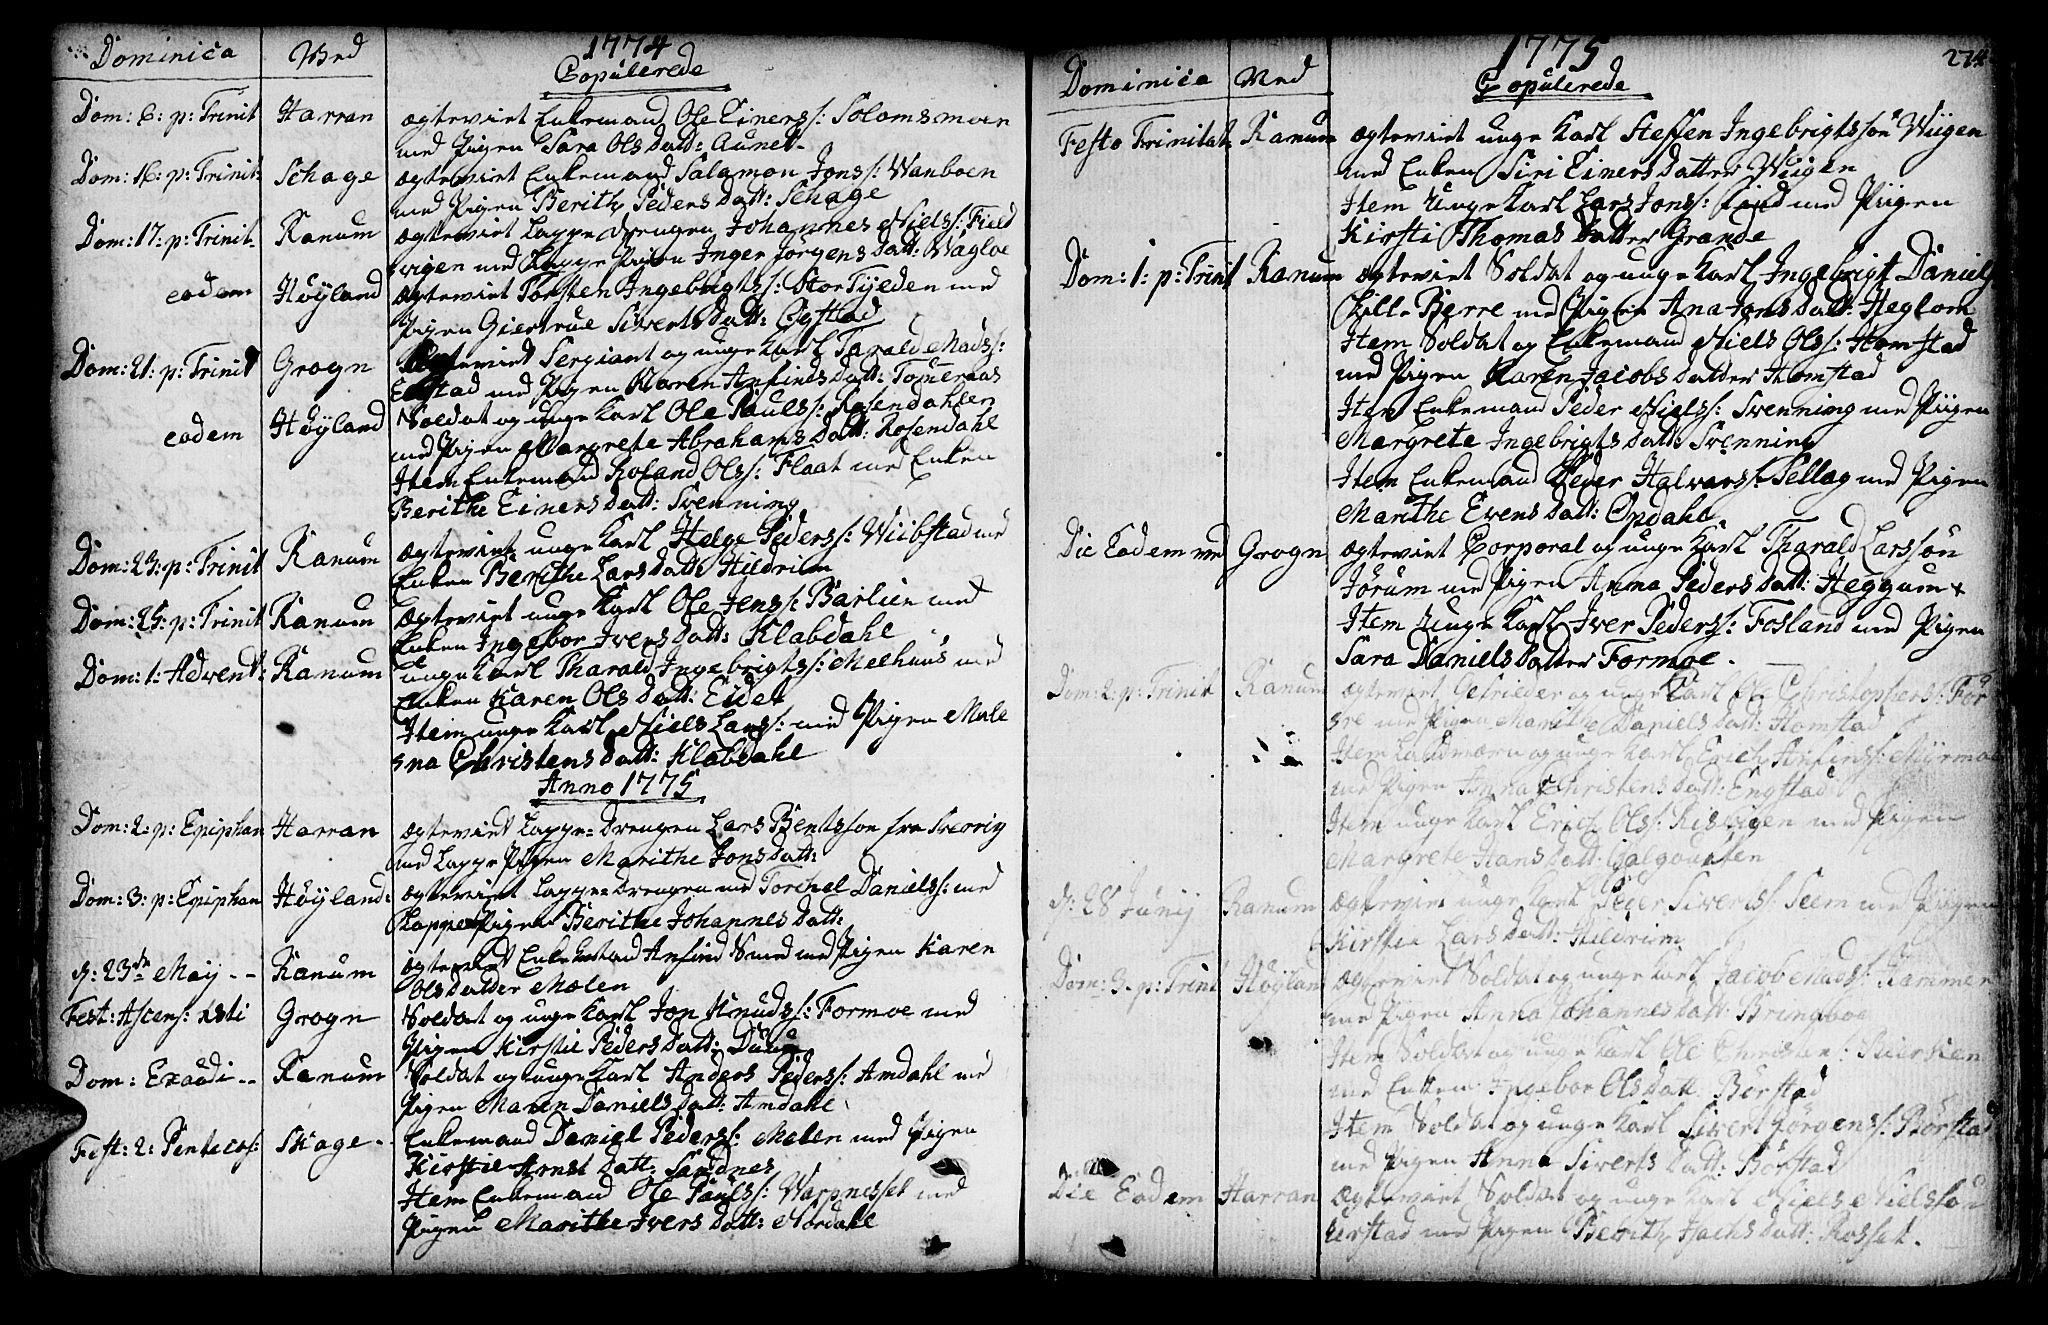 SAT, Ministerialprotokoller, klokkerbøker og fødselsregistre - Nord-Trøndelag, 764/L0542: Ministerialbok nr. 764A02, 1748-1779, s. 274